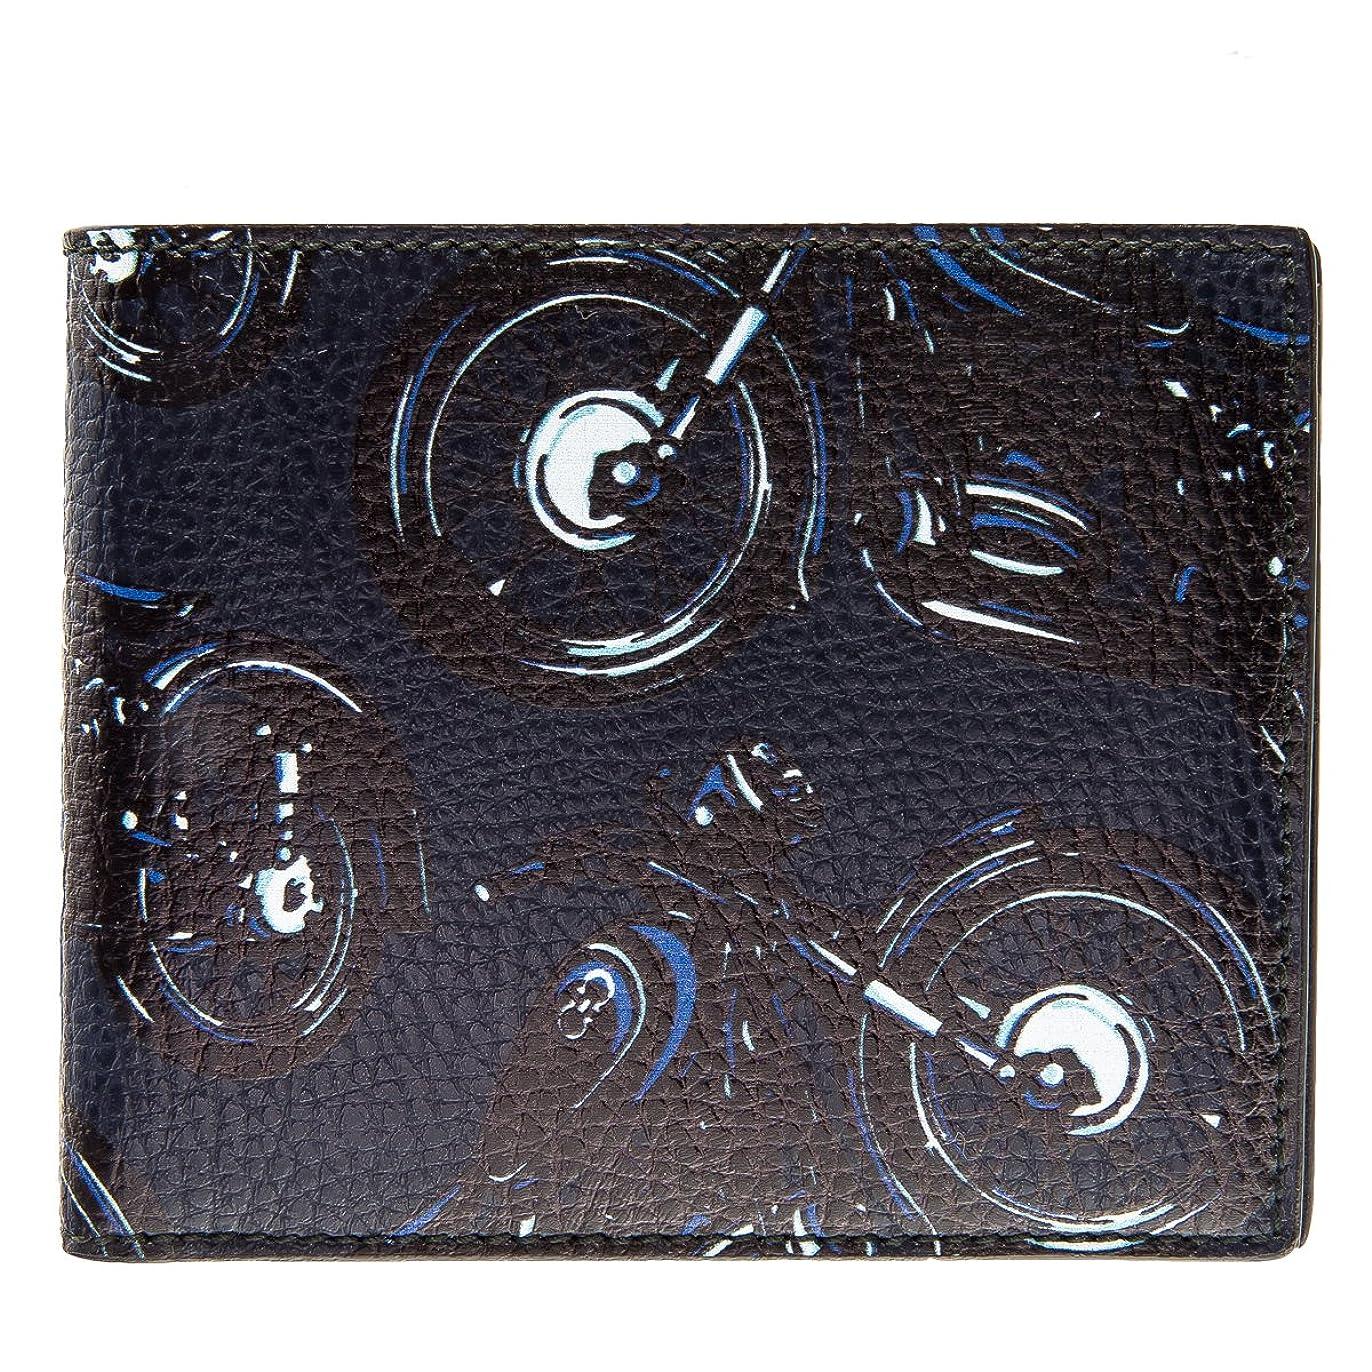 宗教的なキャッシュ思い出させるSalvatore Ferragamo(サルヴァトーレ フェラガモ) 財布 メンズ CAPSULE NOW 2つ折り財布 ネイビー×ブラック 660740-0068-0350 [並行輸入品]